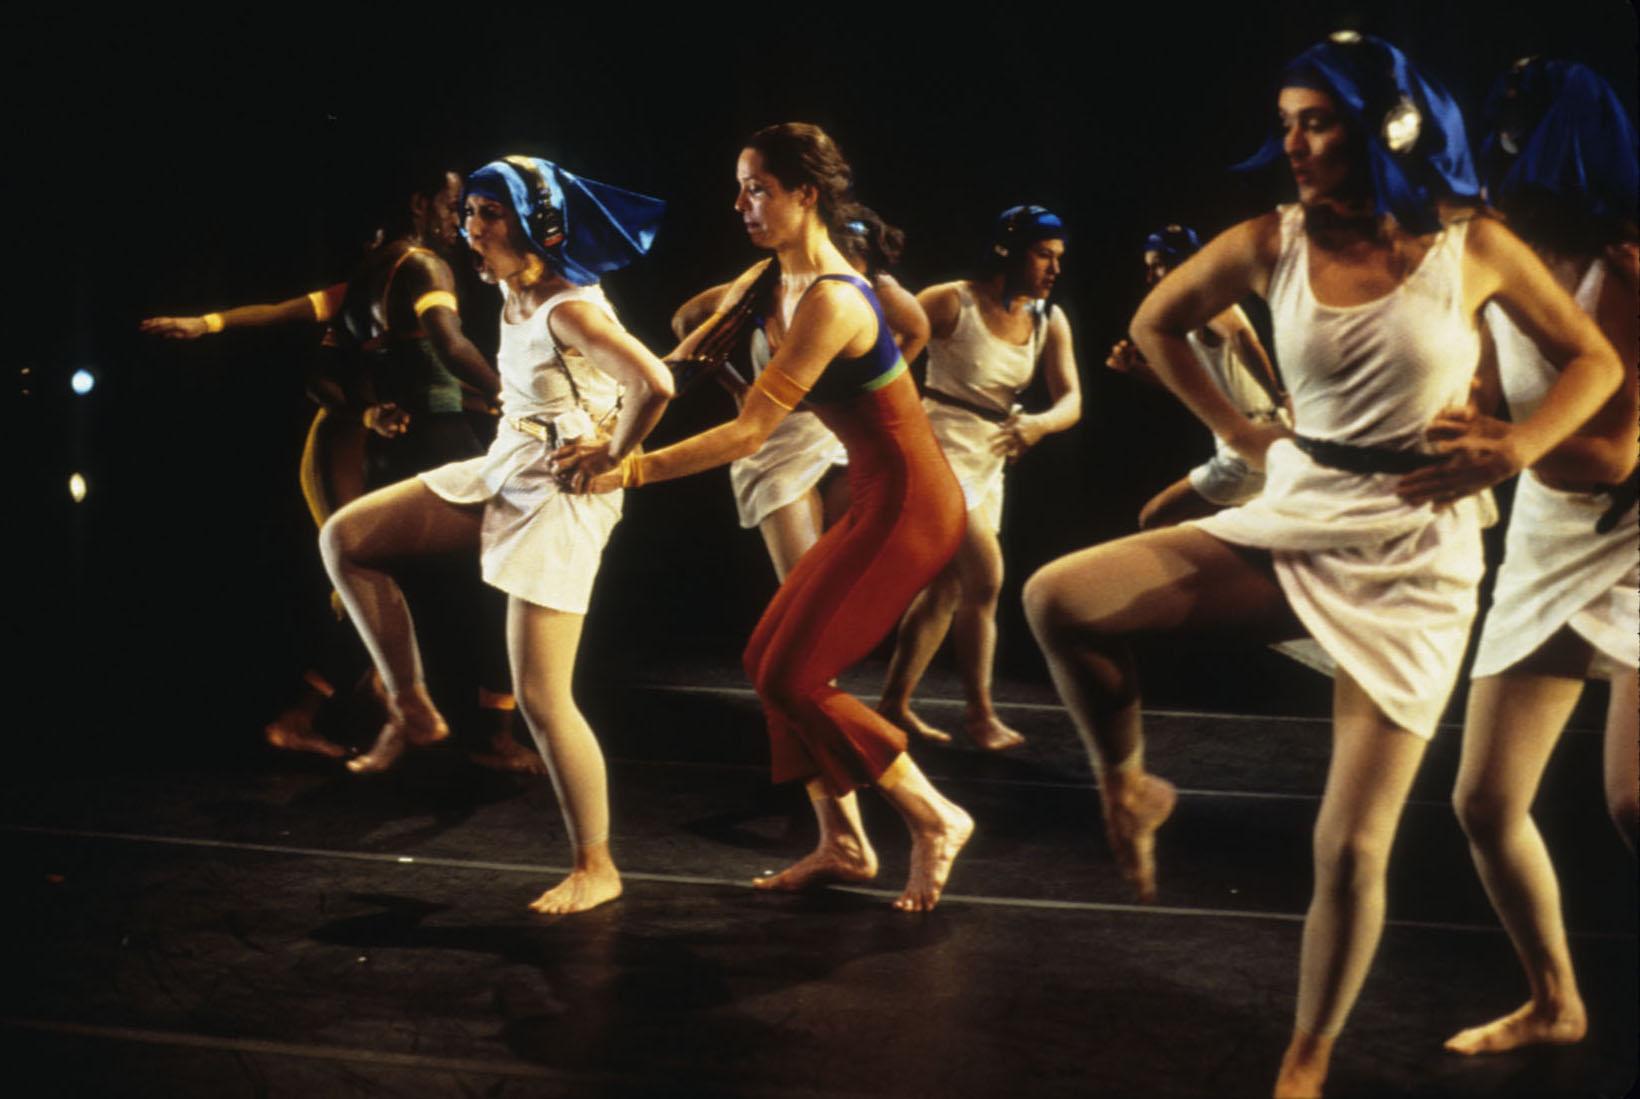 dance037.jpeg